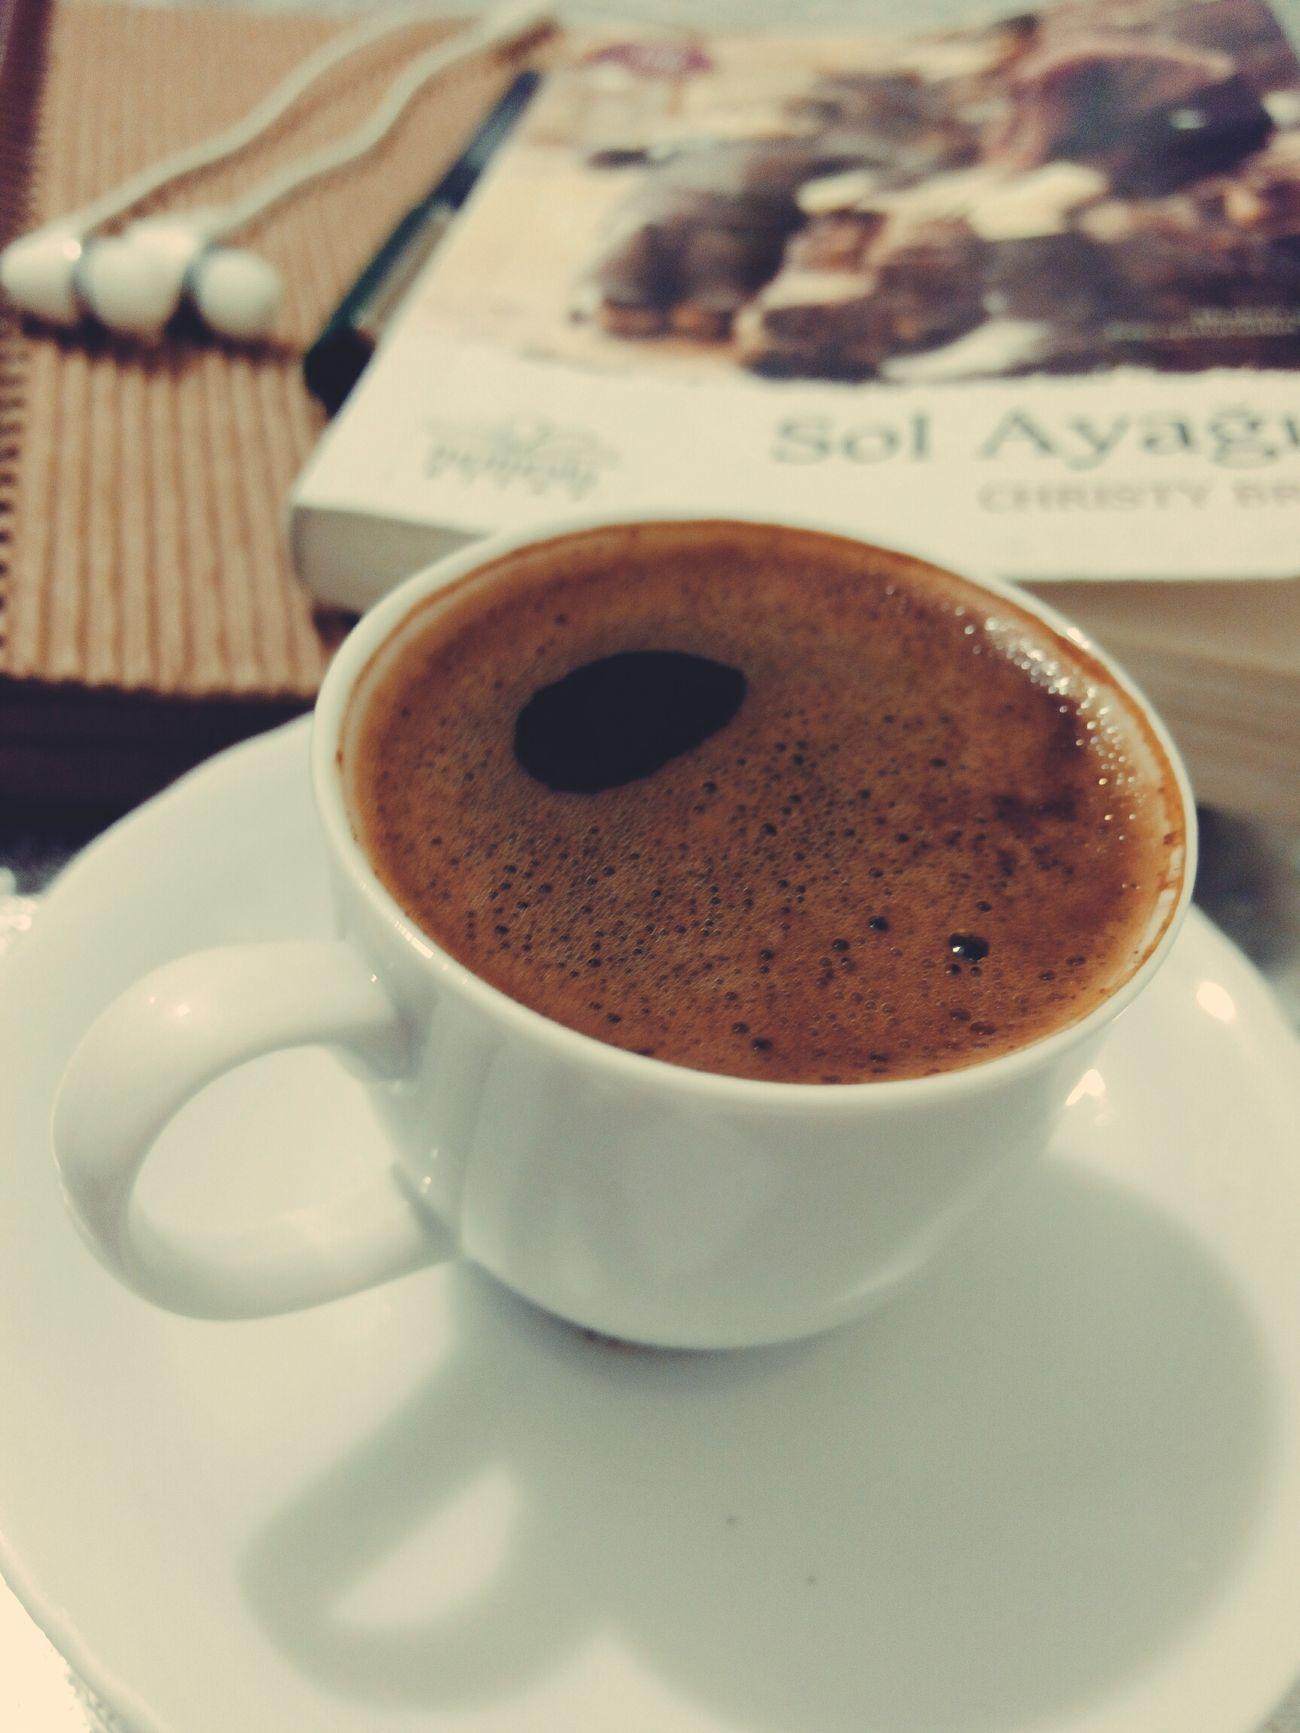 Köpüksüz falan ama neyse Turkishcoffee Turkish Coffee Kahvekeyfi Keyif Türkkahvesi Tambirkeyif Books Kitap